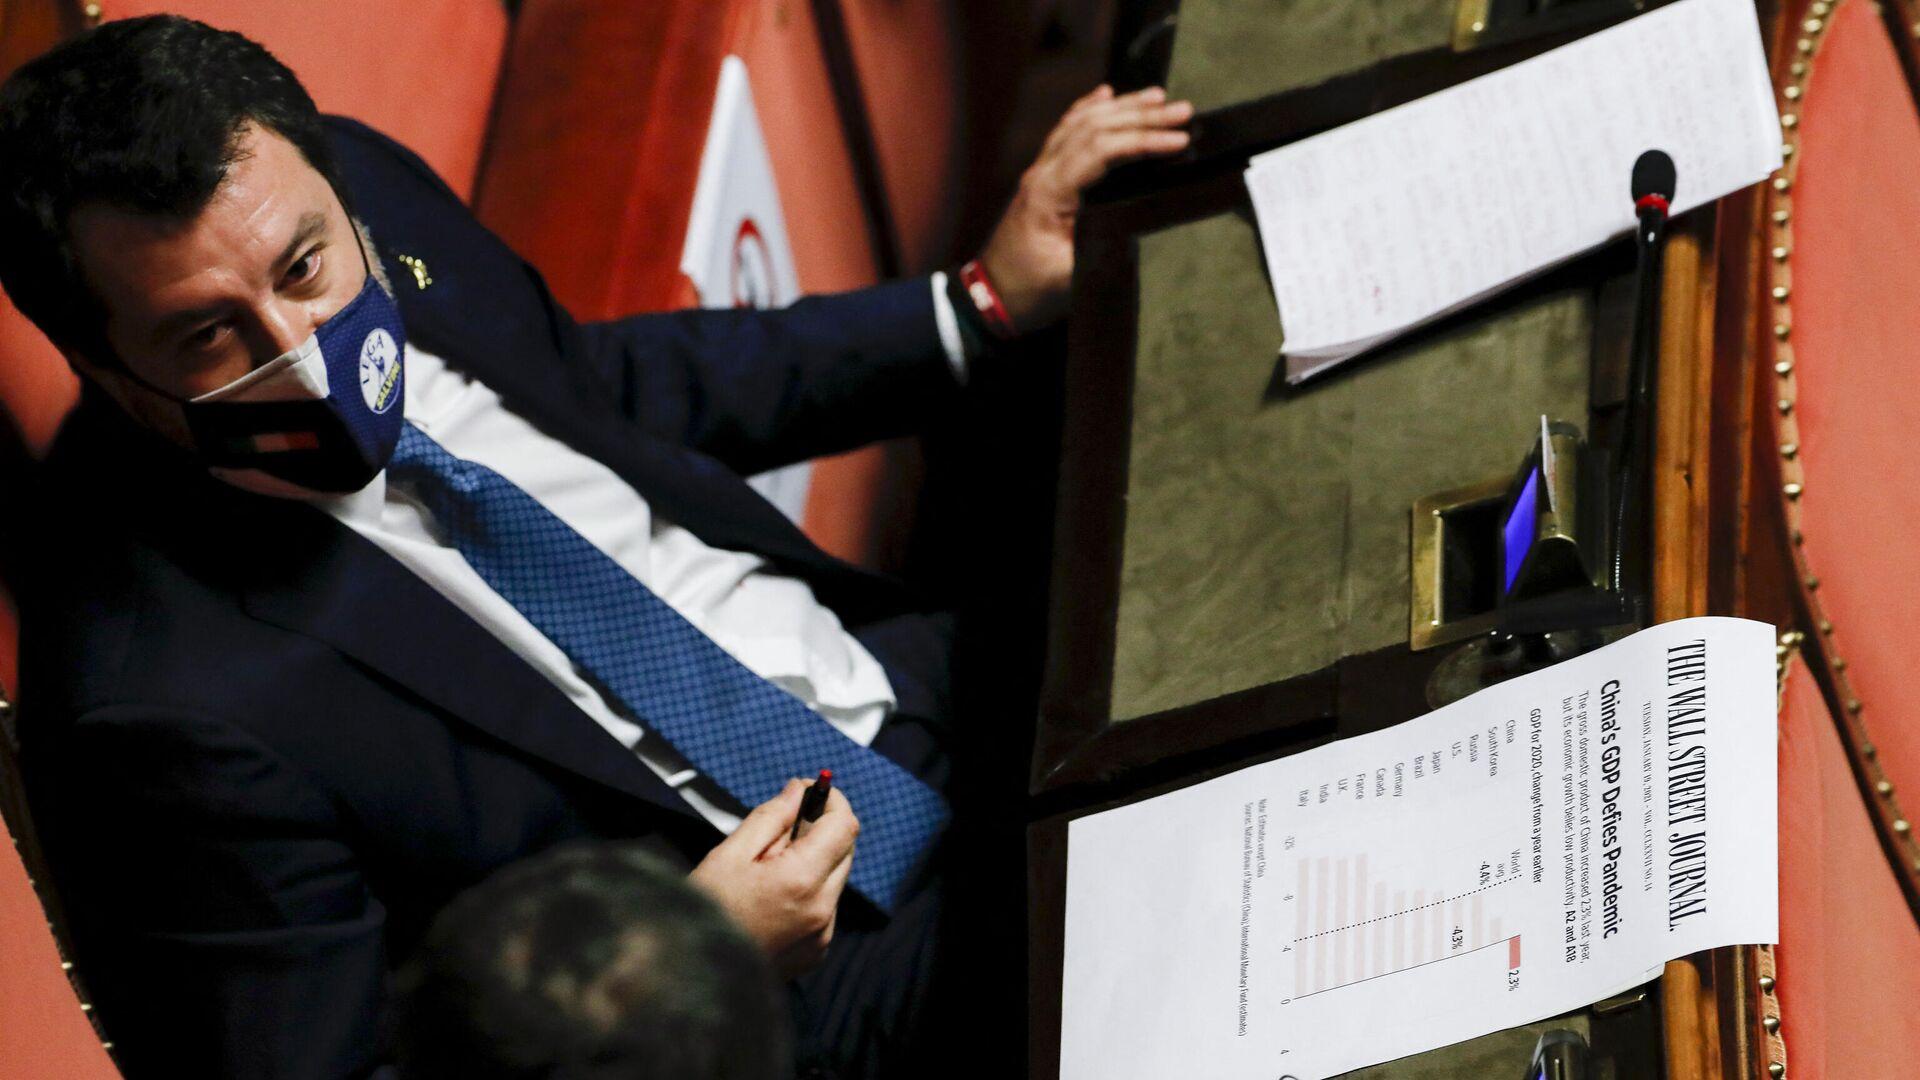 Matteo Salvini in einer Parlamentssitzung - SNA, 1920, 10.04.2021